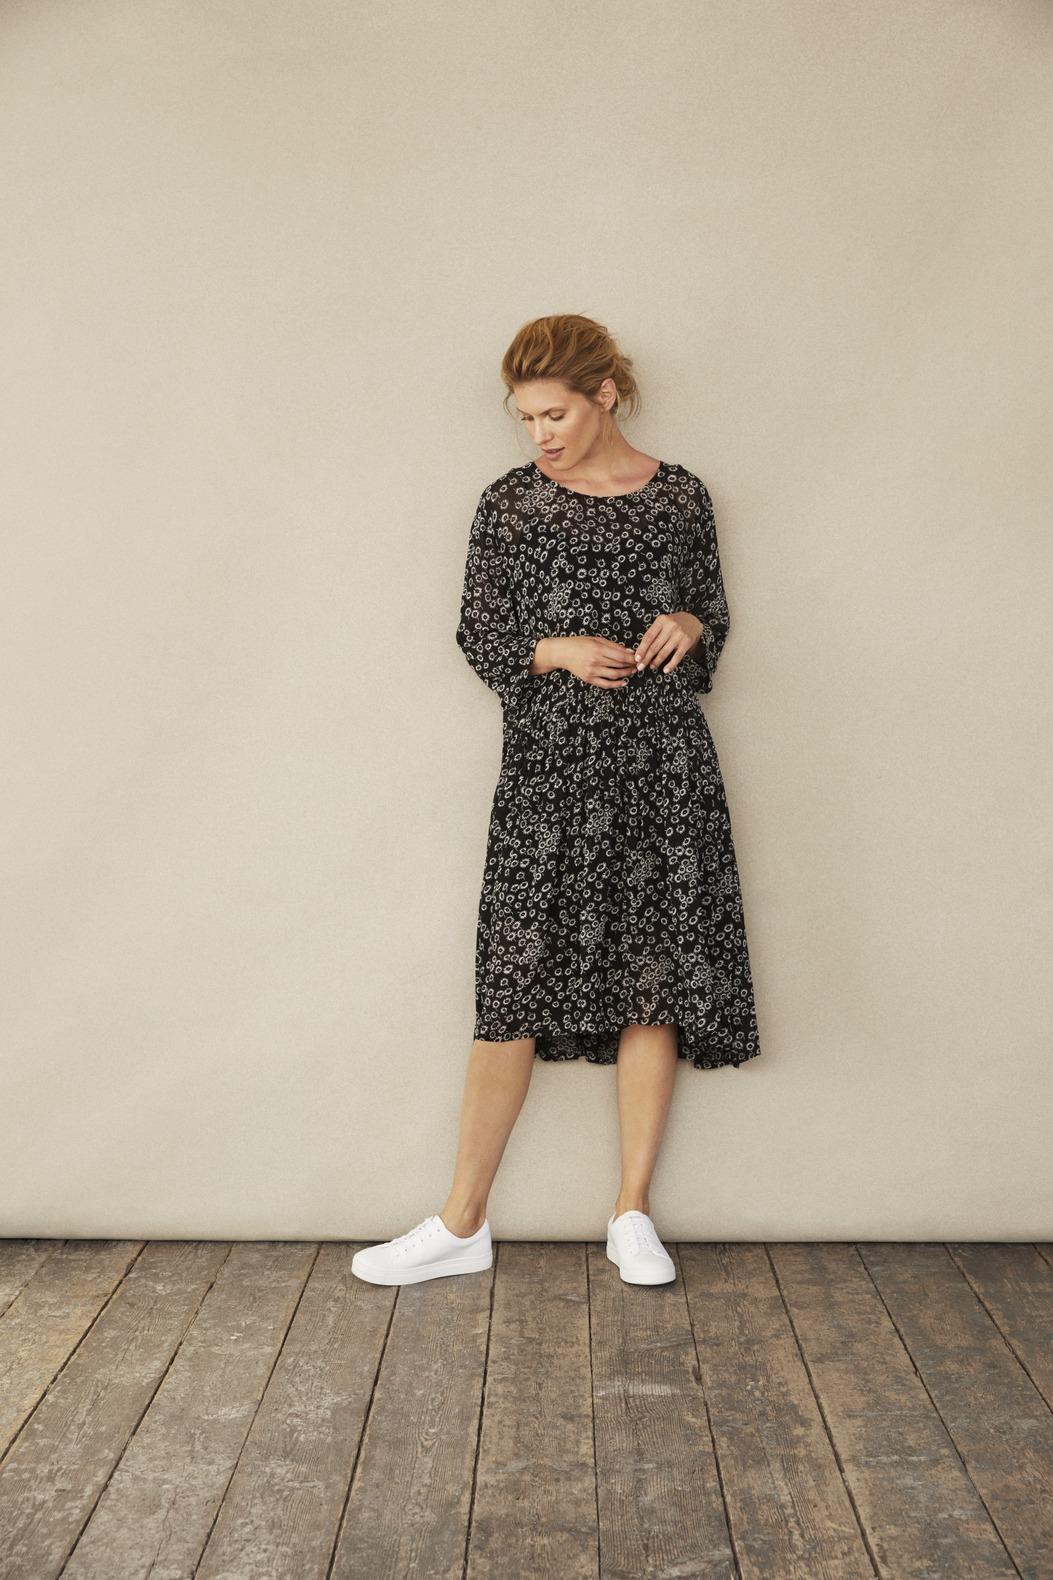 lockeres schwarzes Kleid aus Viskose mit weissen Blümchen von der Modemarke Masai Clothing Company